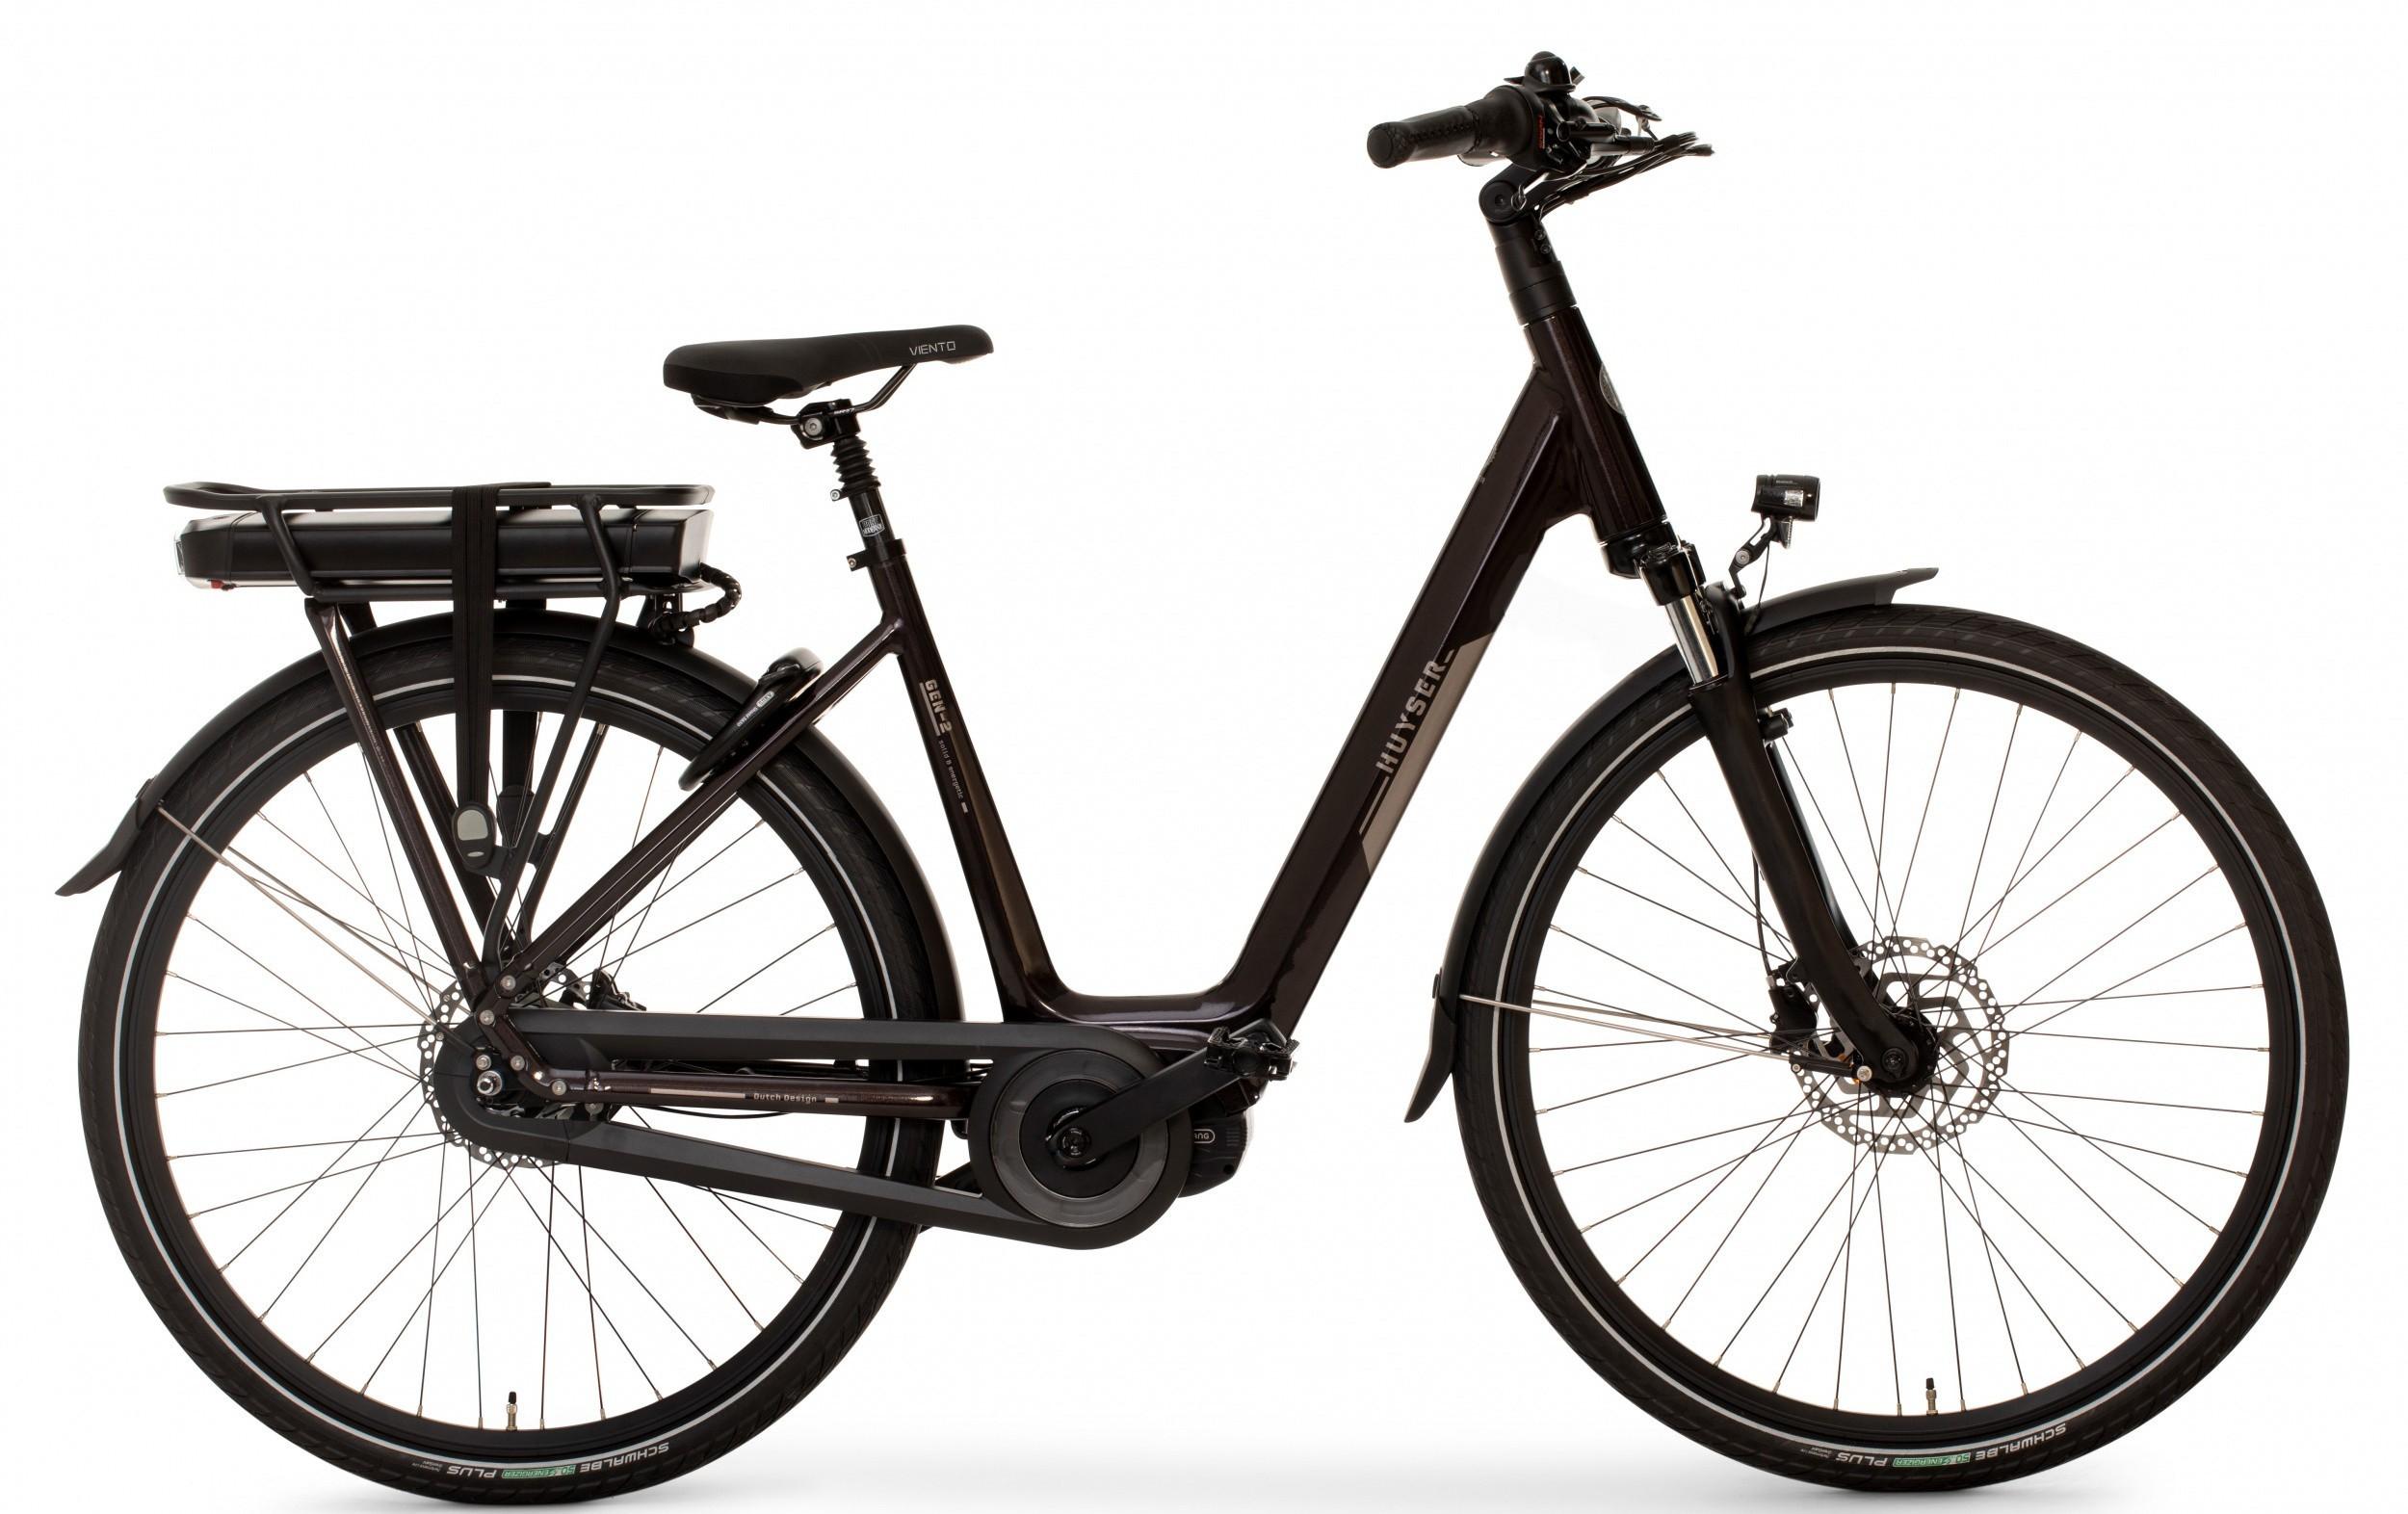 Huyser Gen 2 elektrische fiets 8V met middenmotor